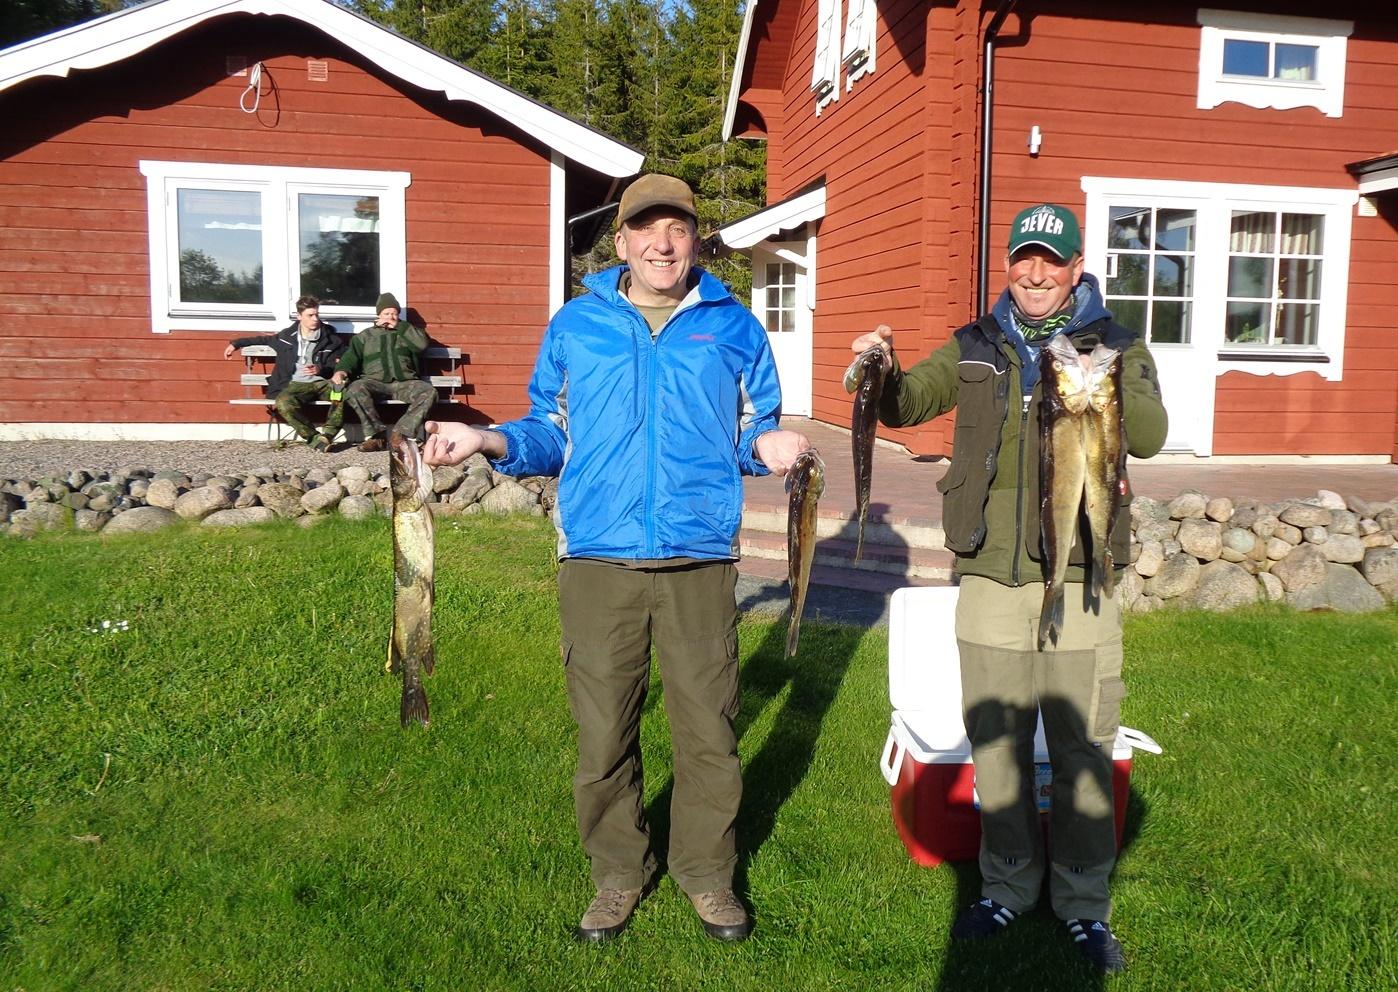 Fiska tycker dessa gäster om att göra.